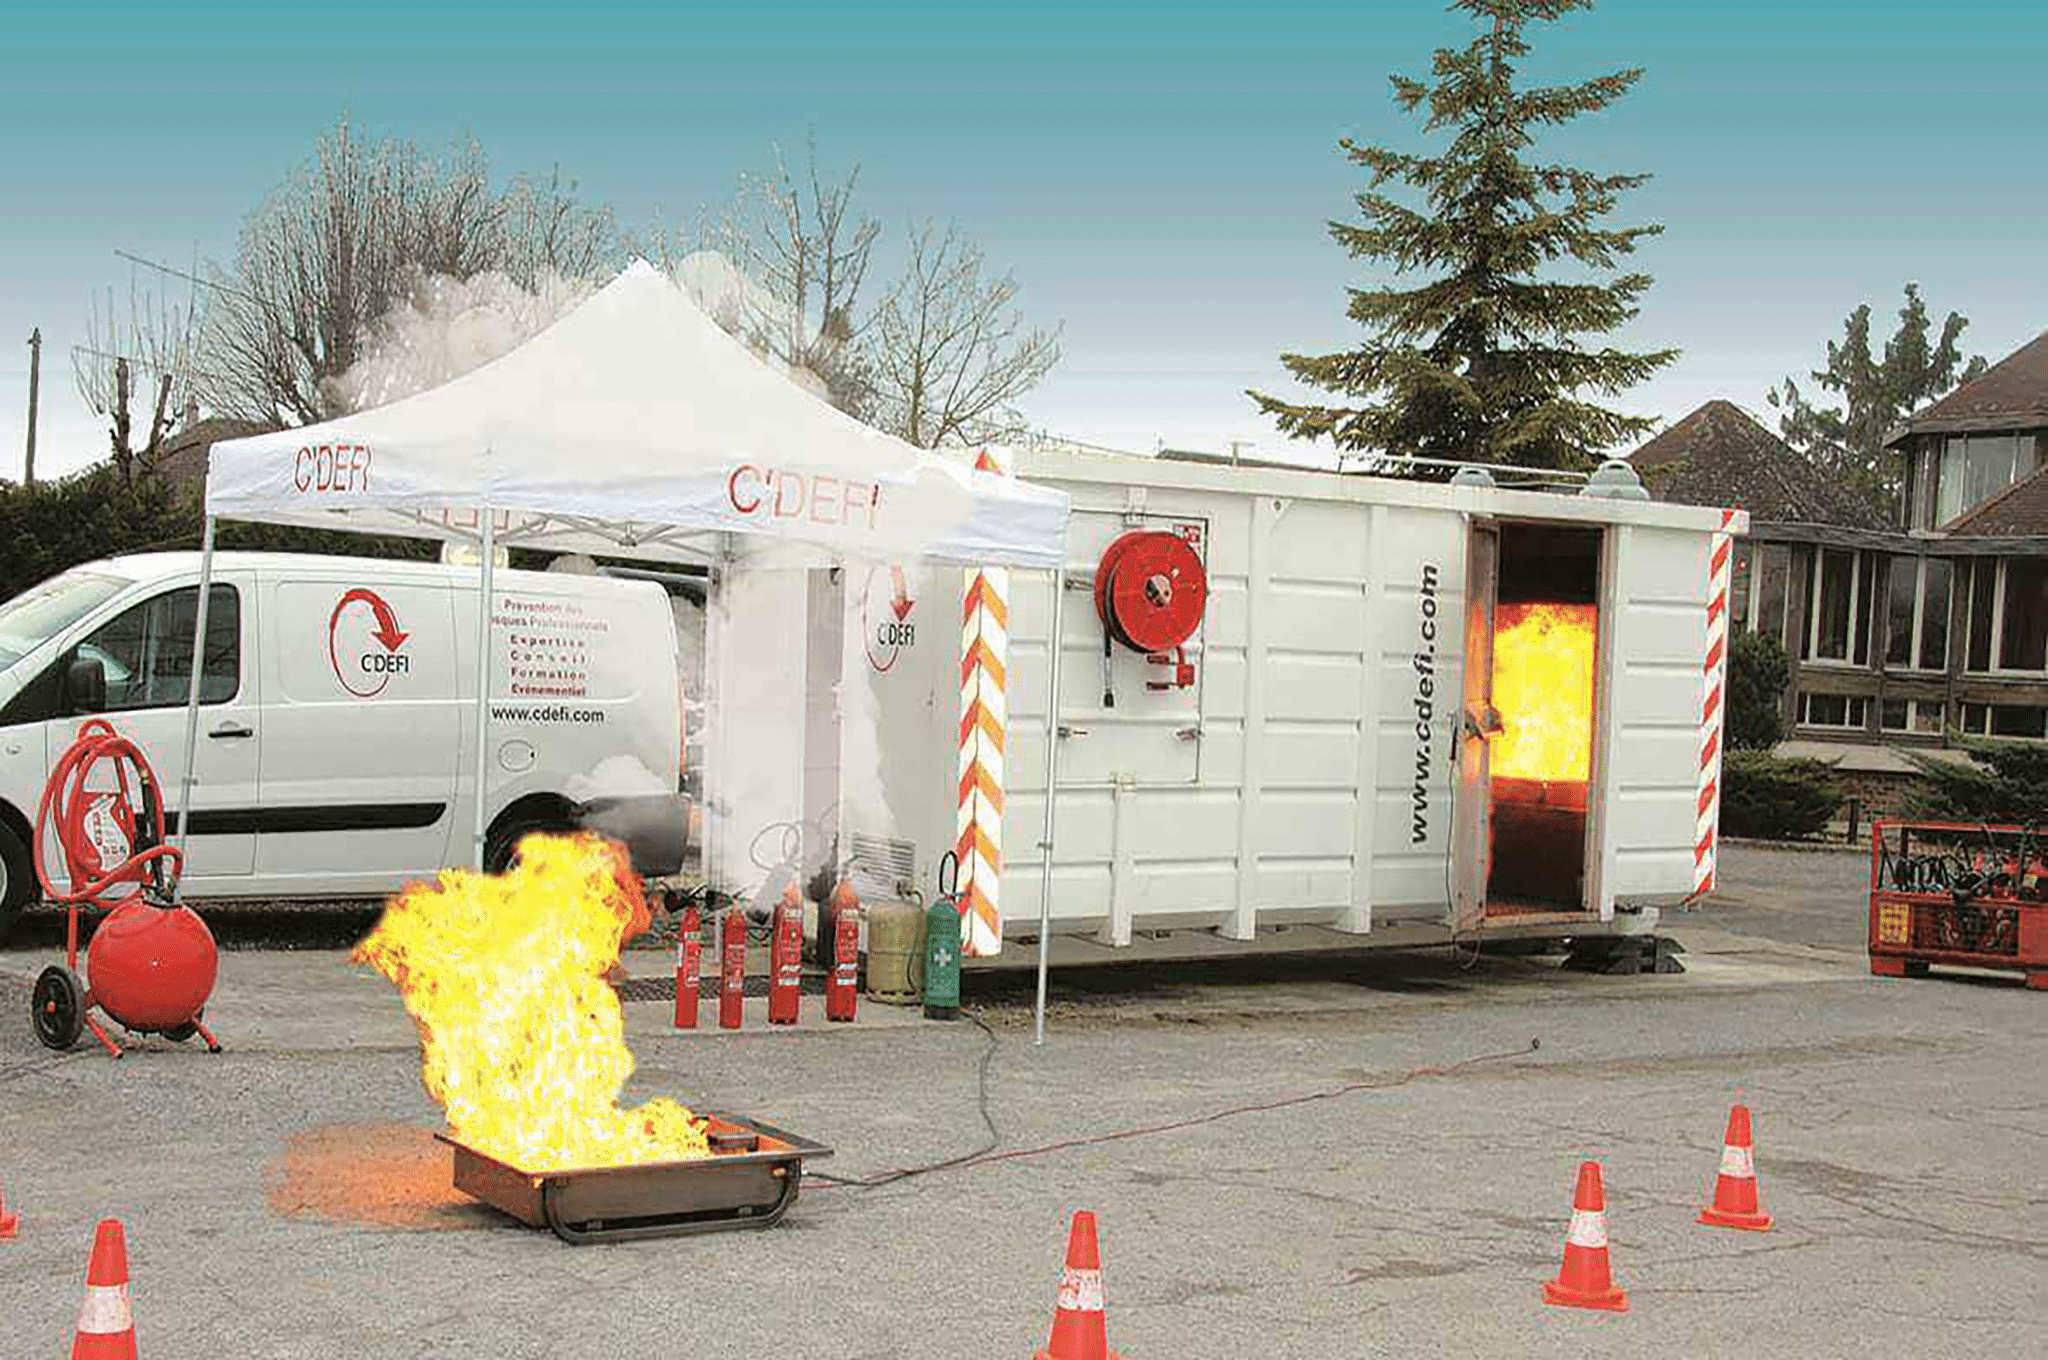 Evénement sécurité incendie avec CDéfi